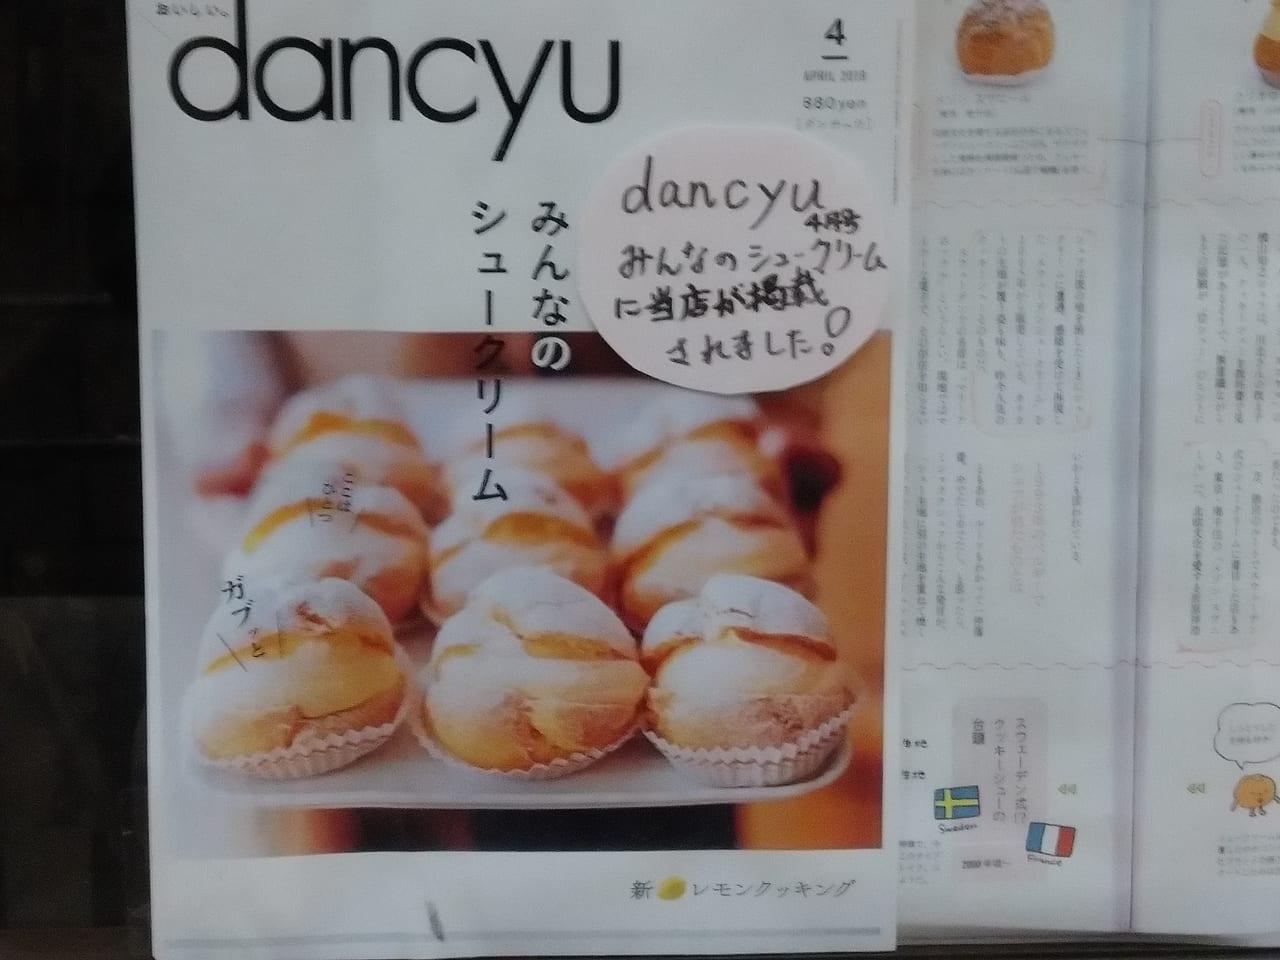 雑誌dancyu